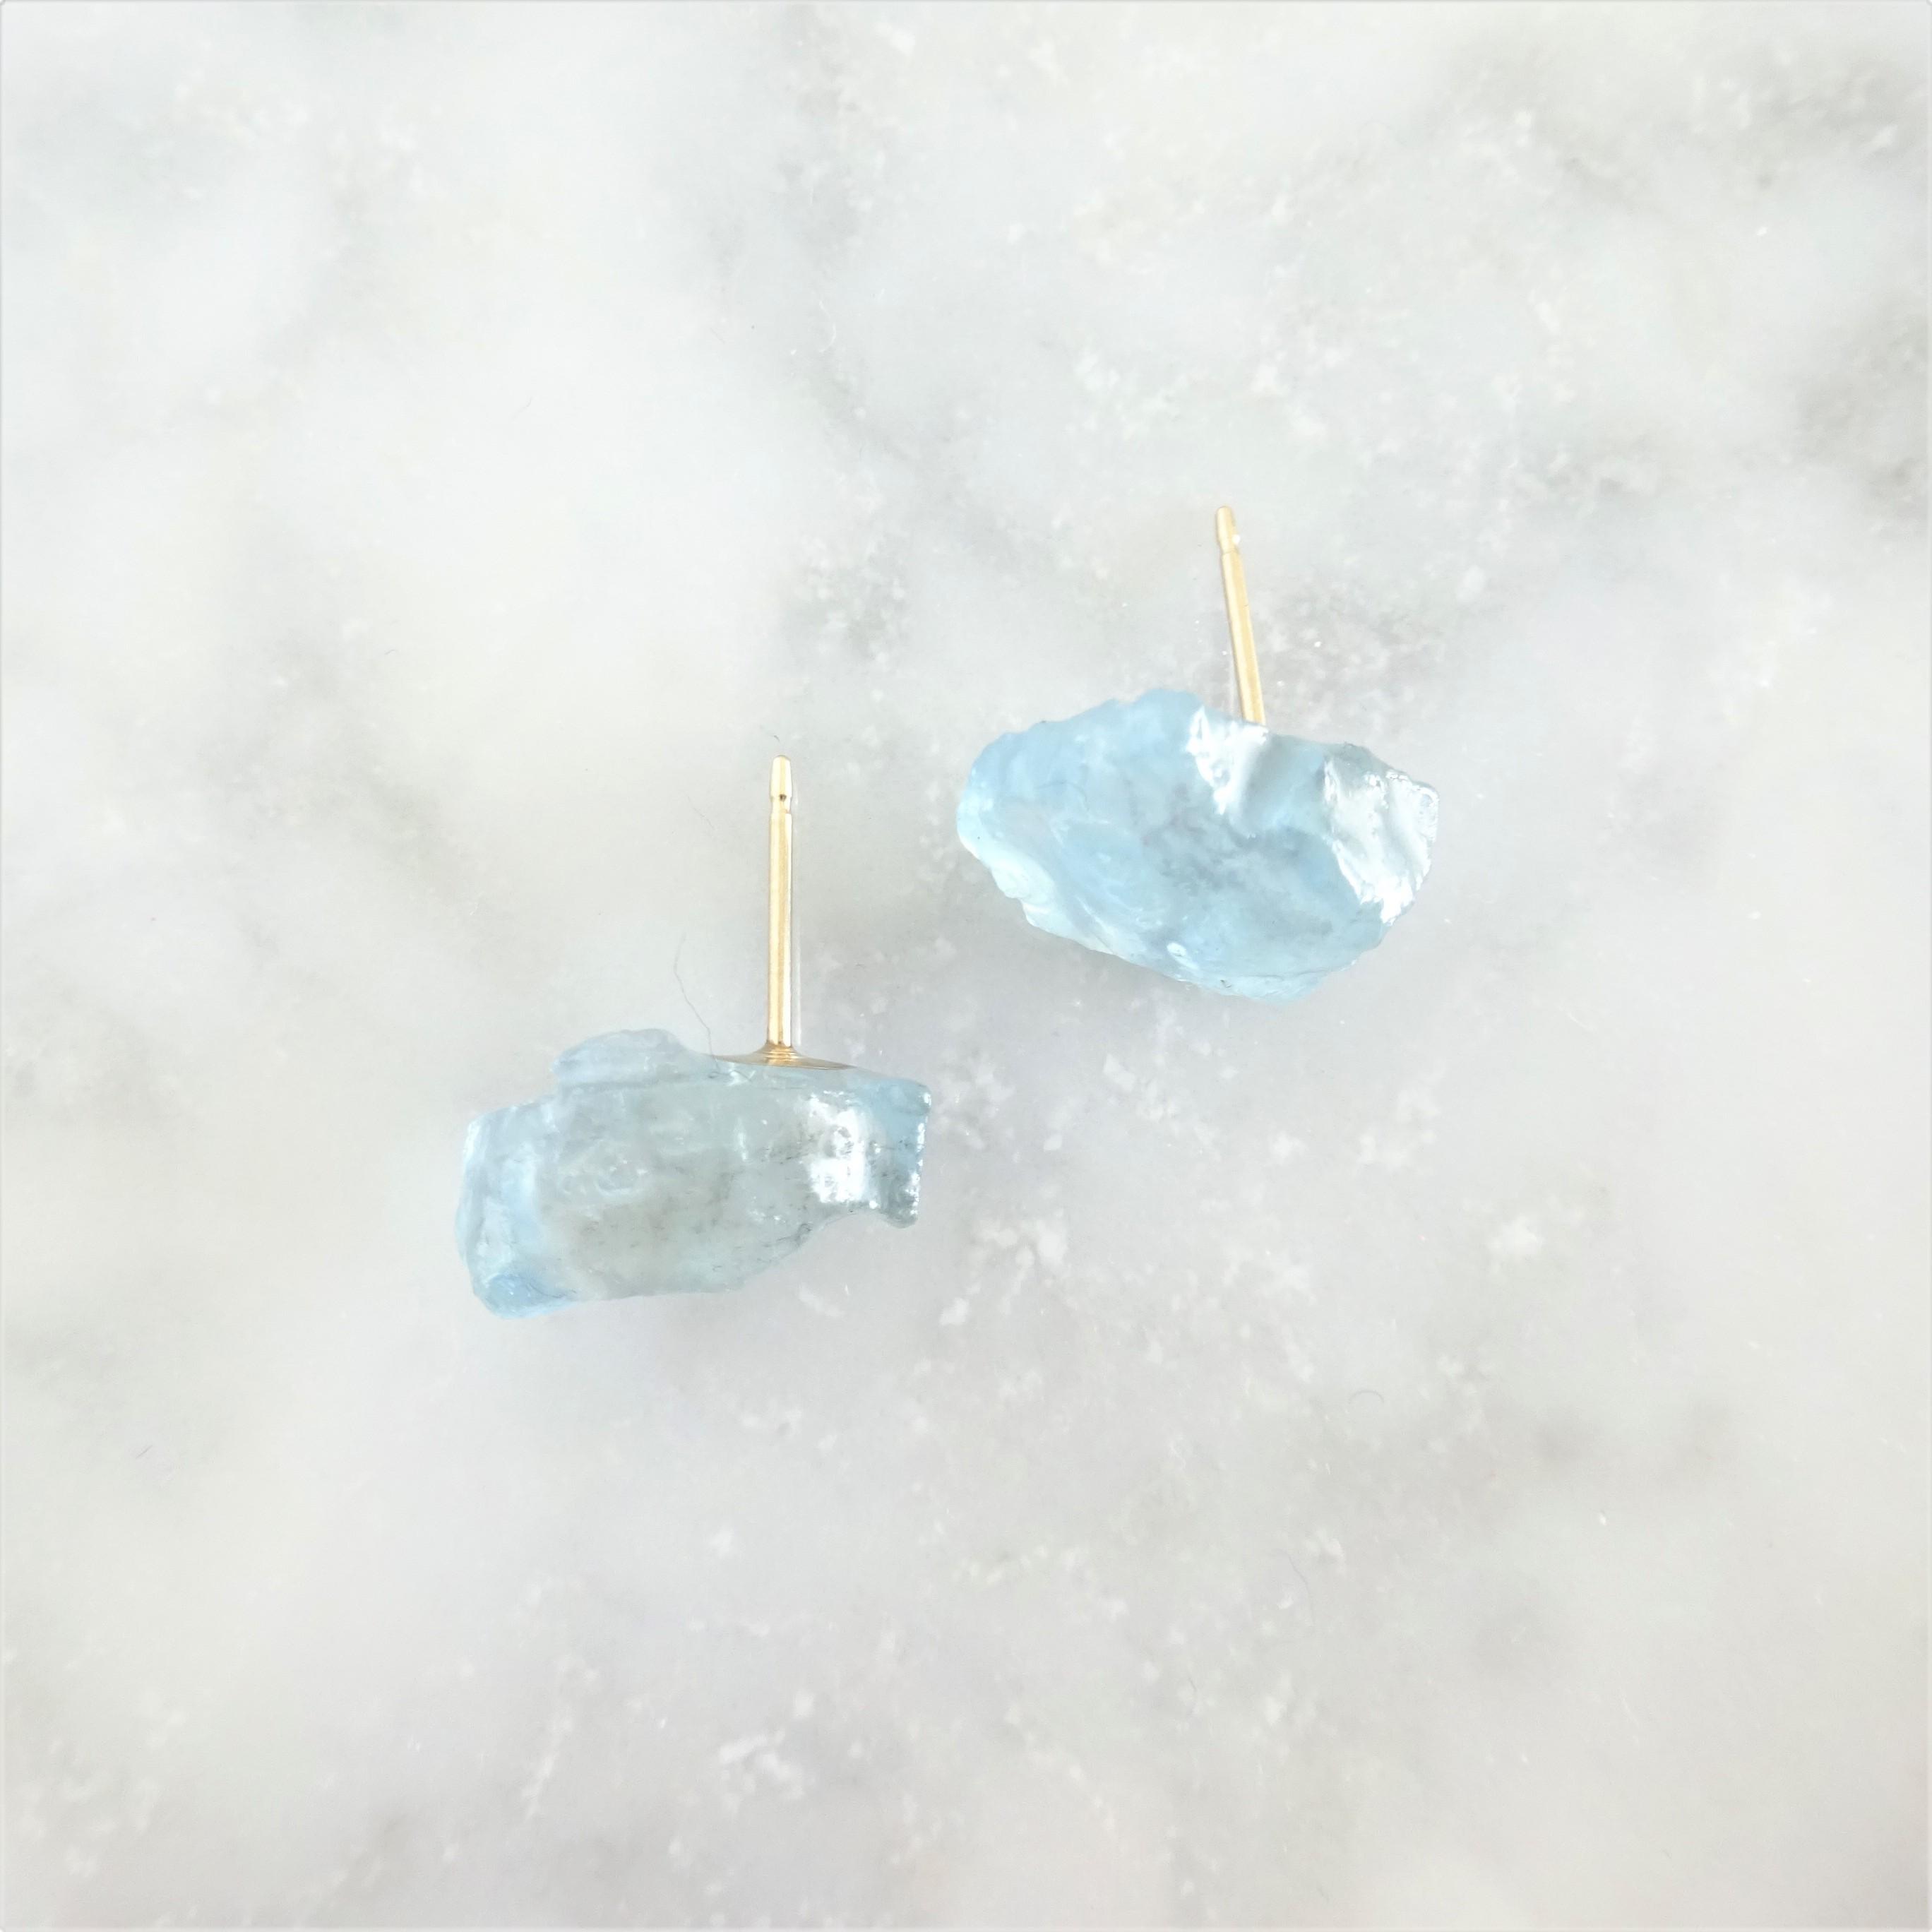 送料無料14kgf*Aquamarine stud pierced earring / earring